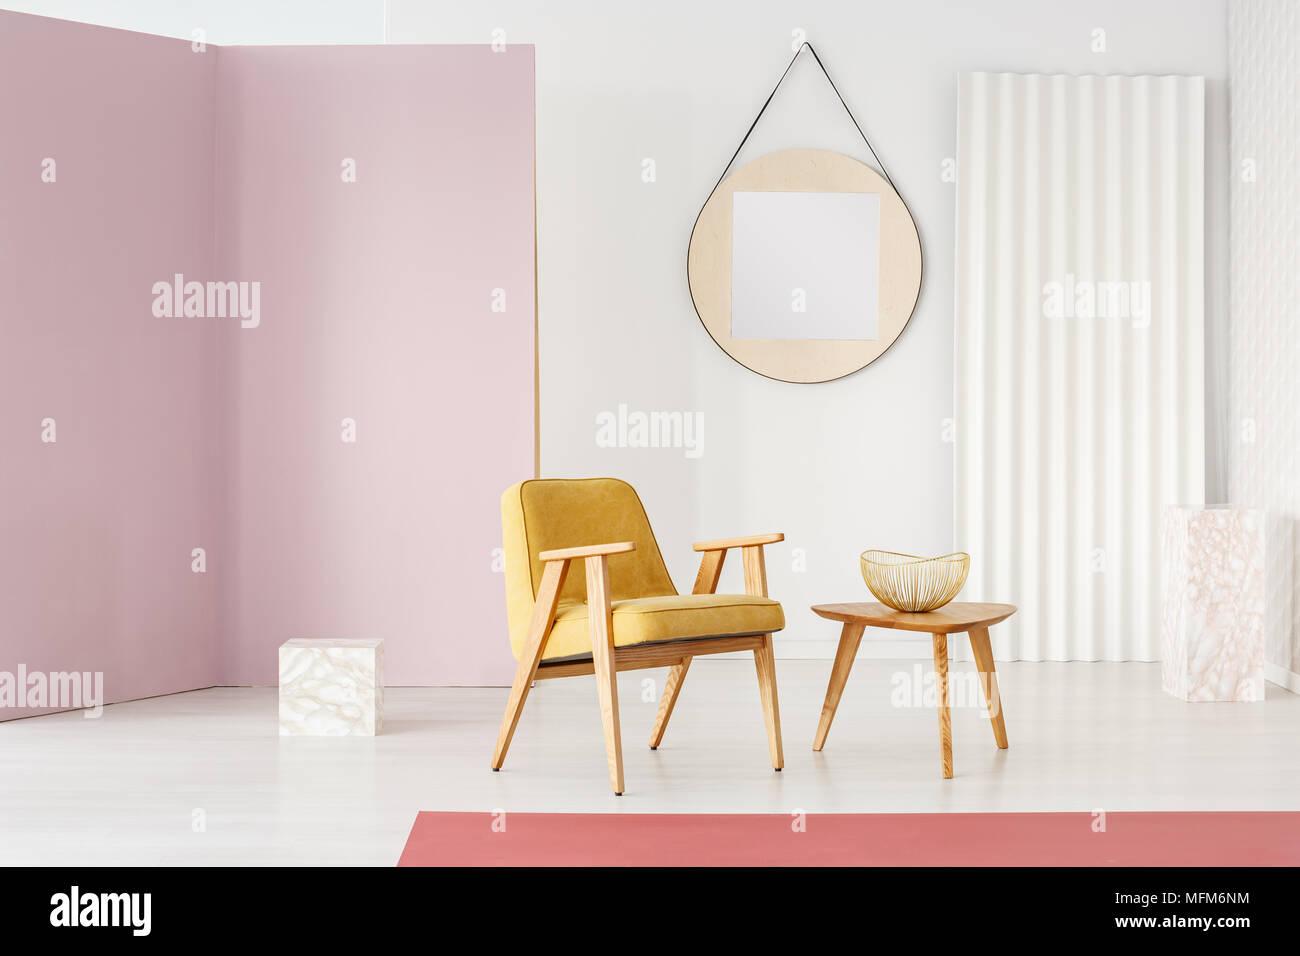 Gran espejo redondo con marco de madera colgado en una pared blanca ...